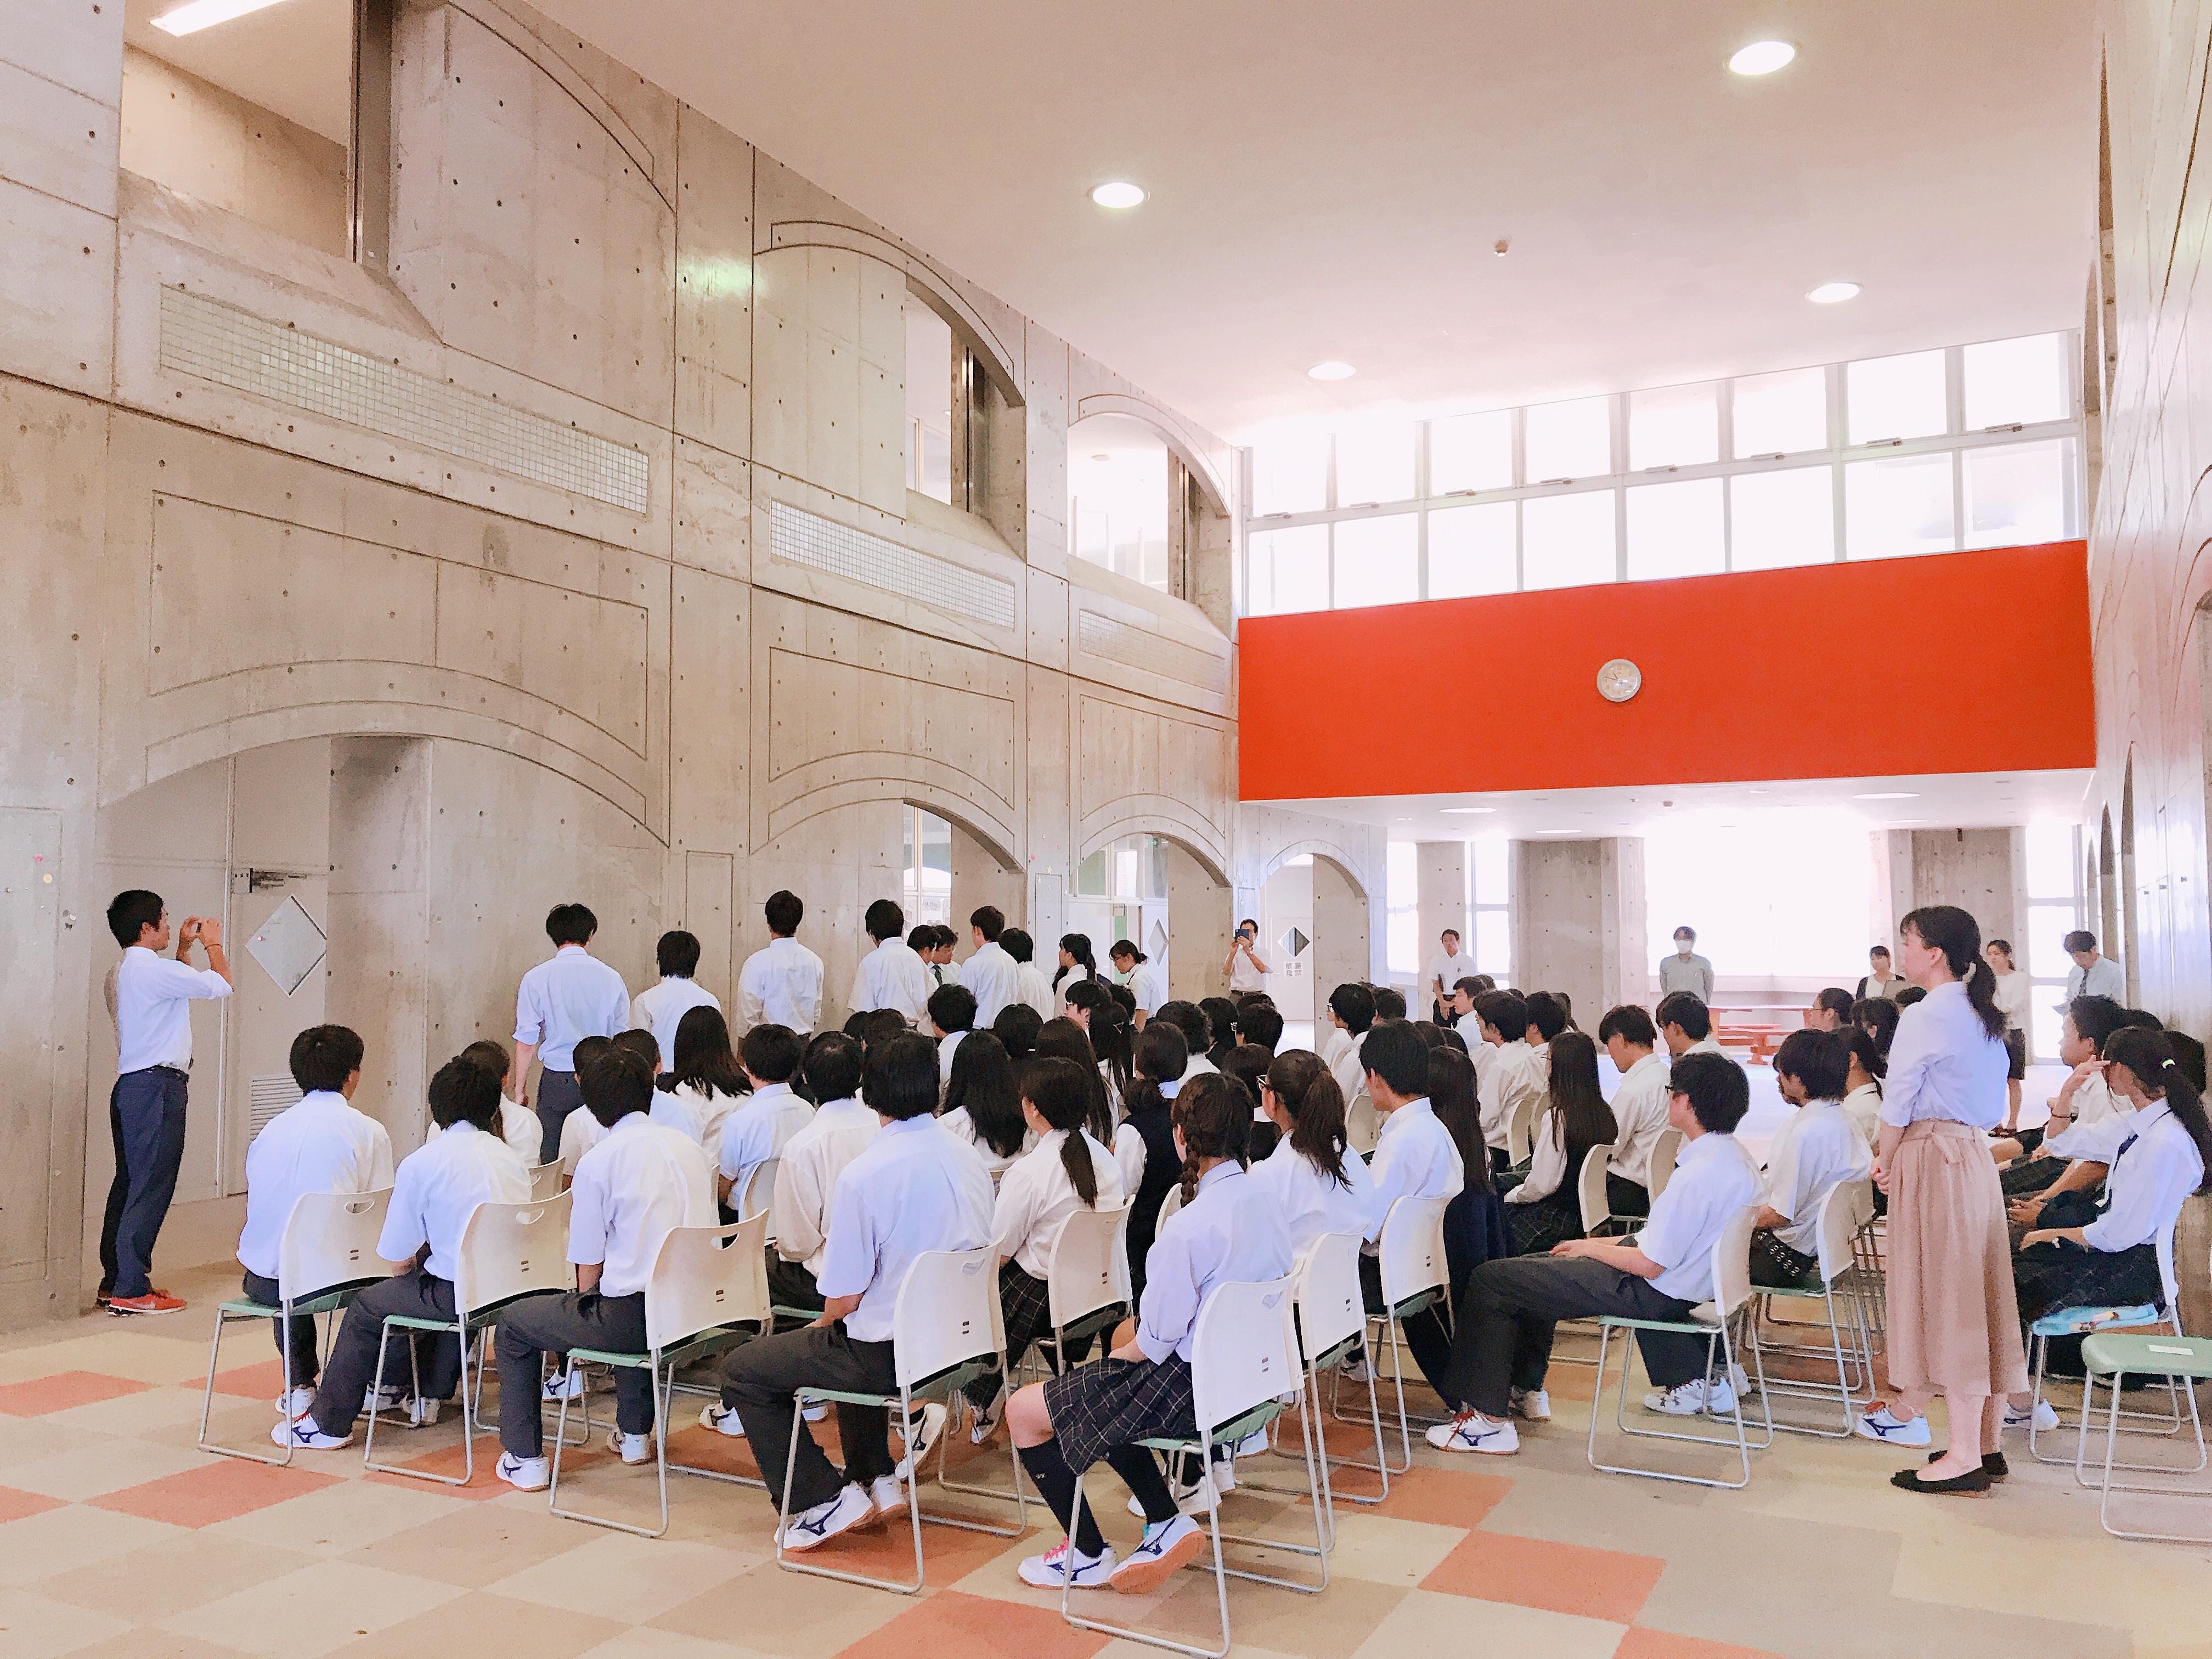 鴨川令徳高等学校